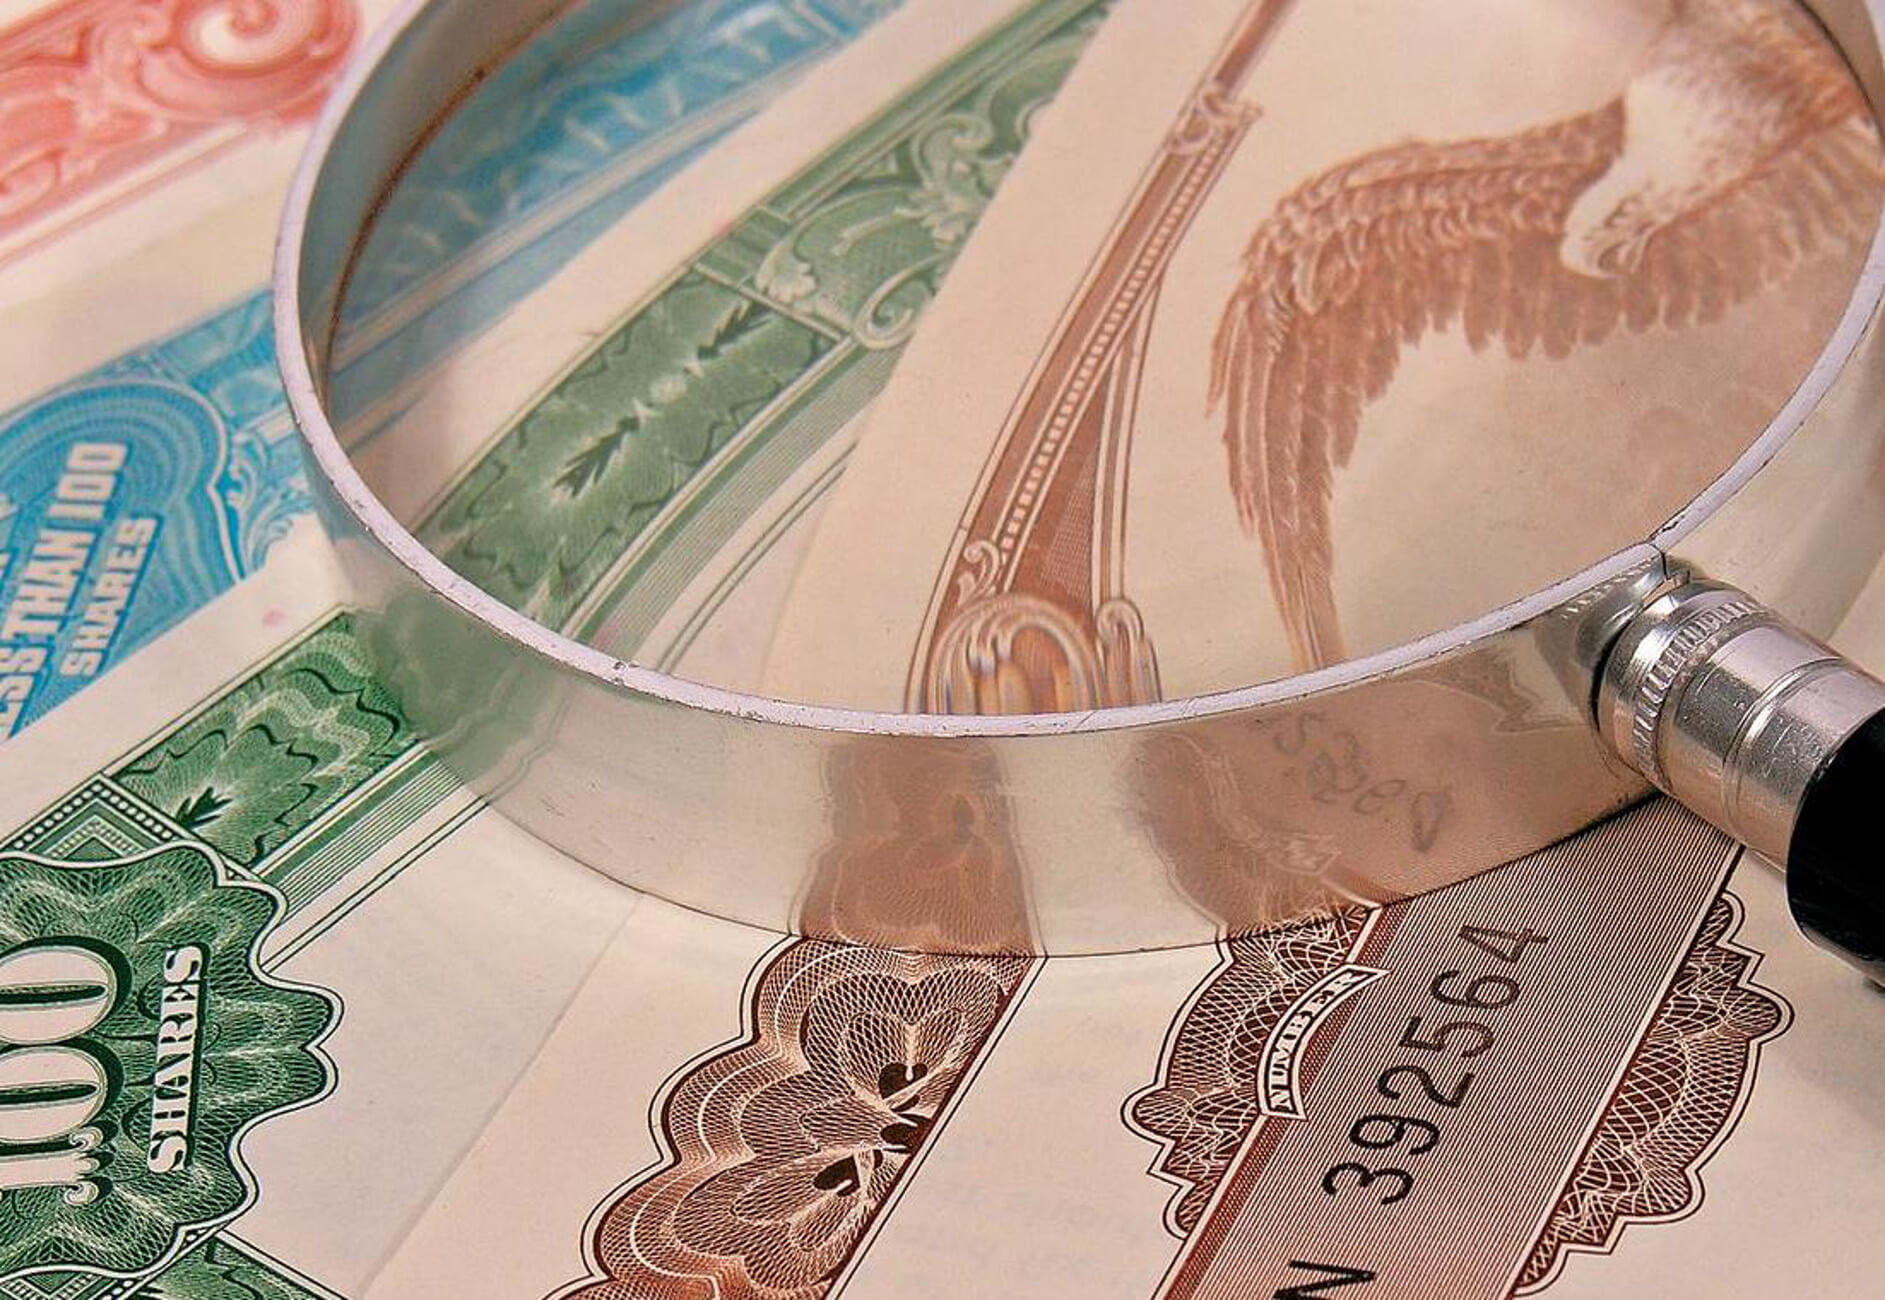 ΤτΕ: Καλά νέα για τα ομόλογα κακά νέα για το έλλειμμα στο Ισοζύγιο Τρεχουσών Συναλλαγών